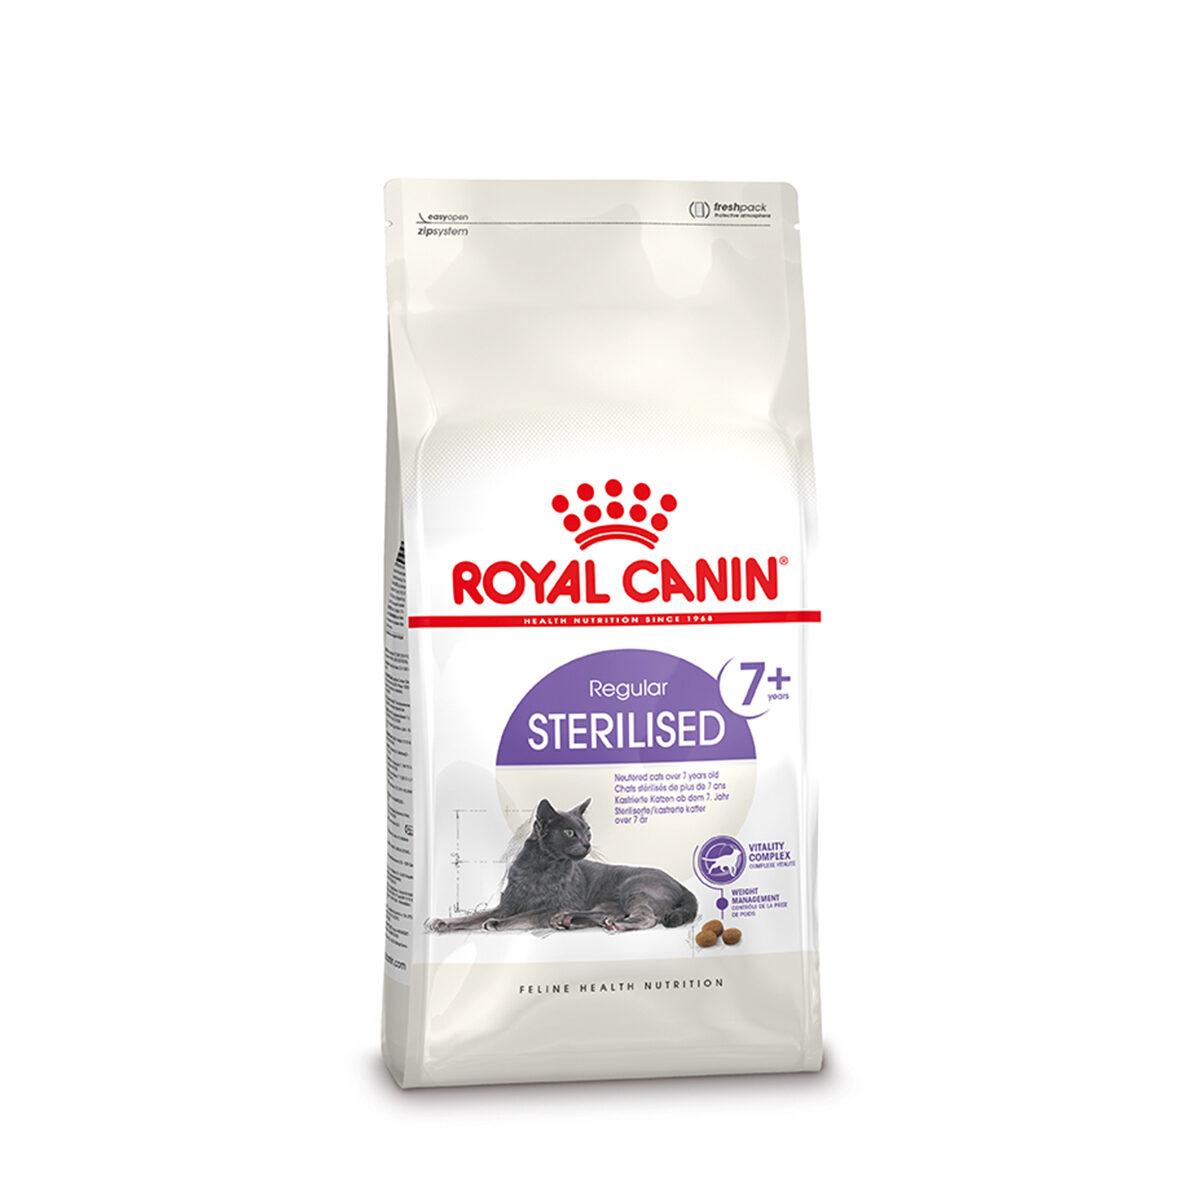 Royal Canin Sterilised 7+ Kattenvoer 1,5 kg